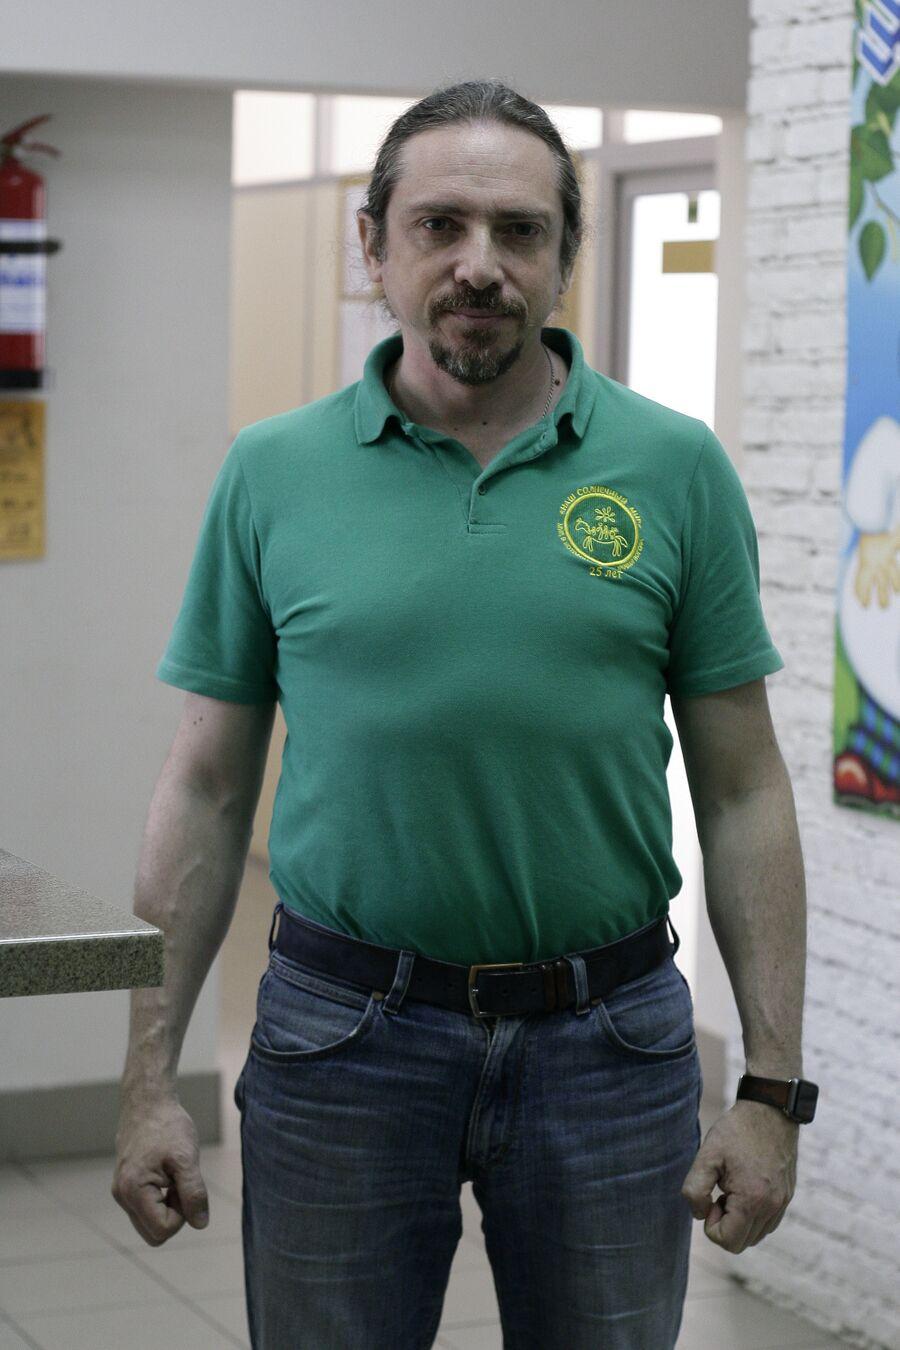 Руководитель центра реабилитации инвалидов Наш солнечный мир Игорь Шпицберг